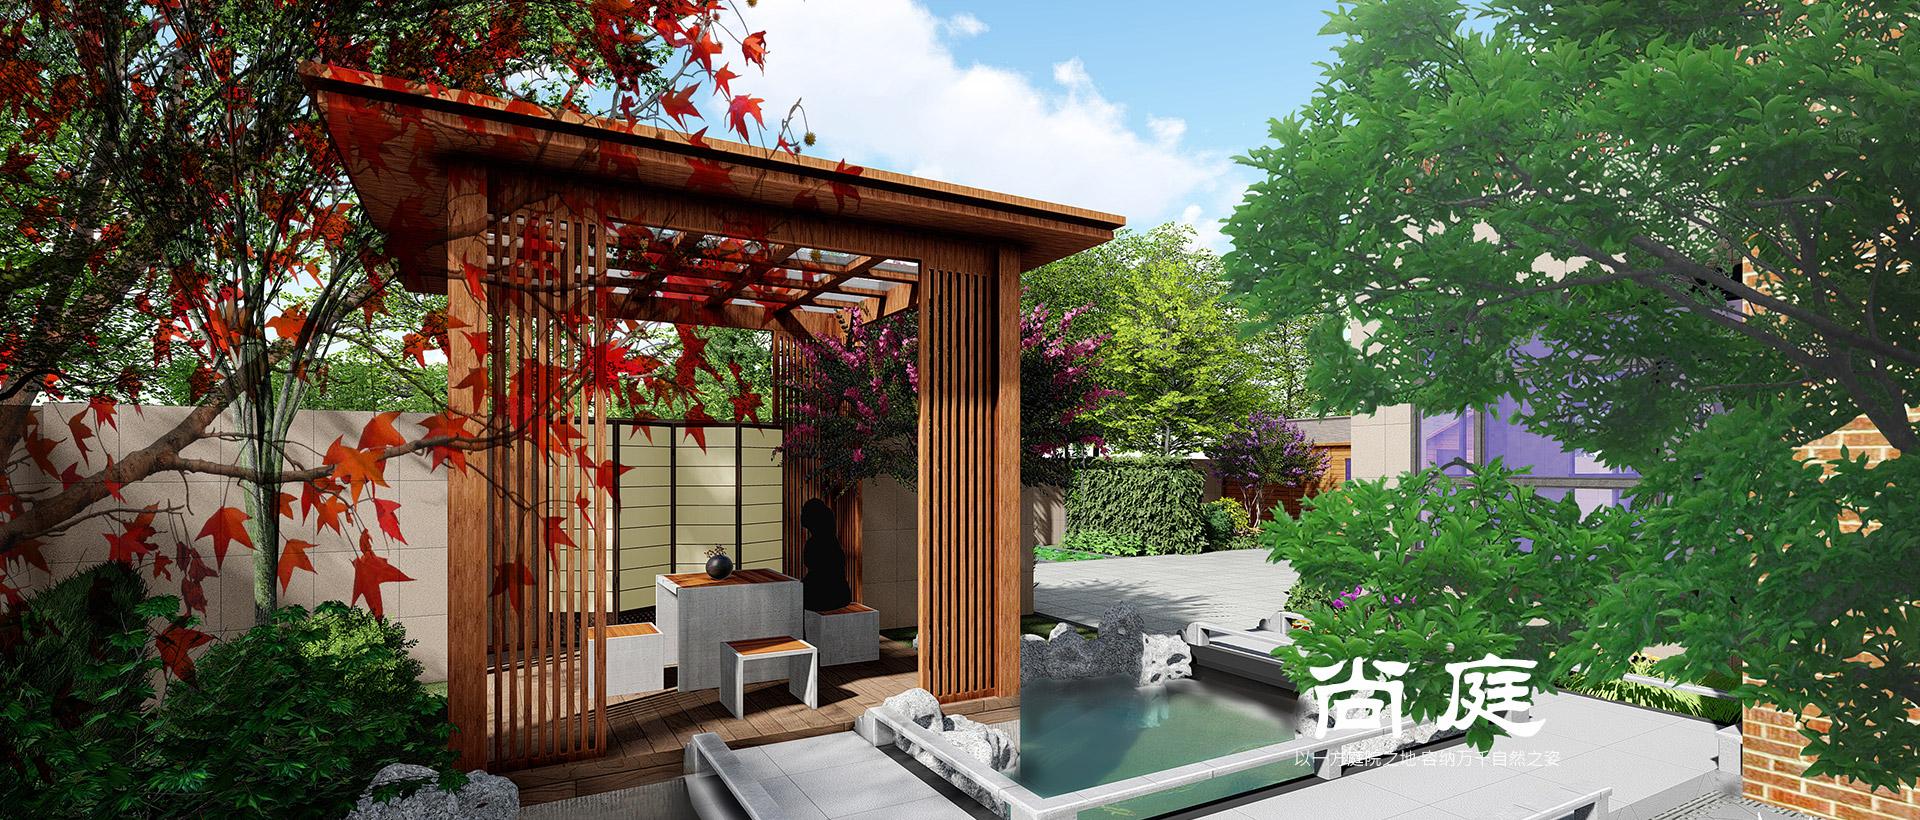 天津尚庭景观设计有限公司